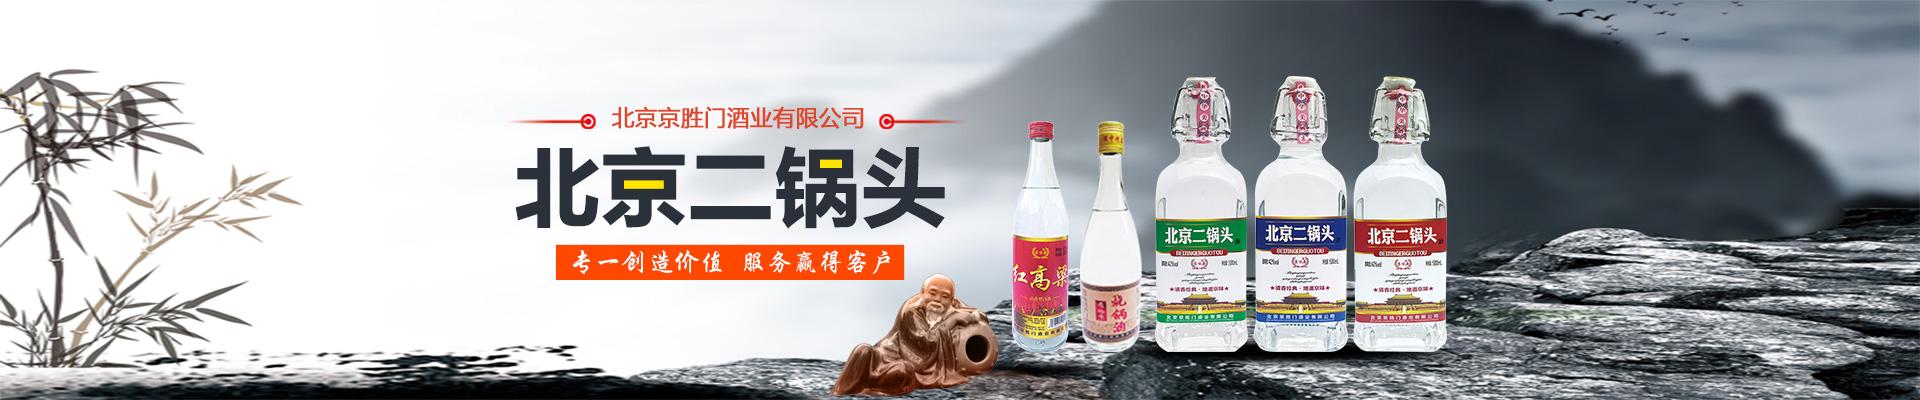 北京京胜门酒业有限公司